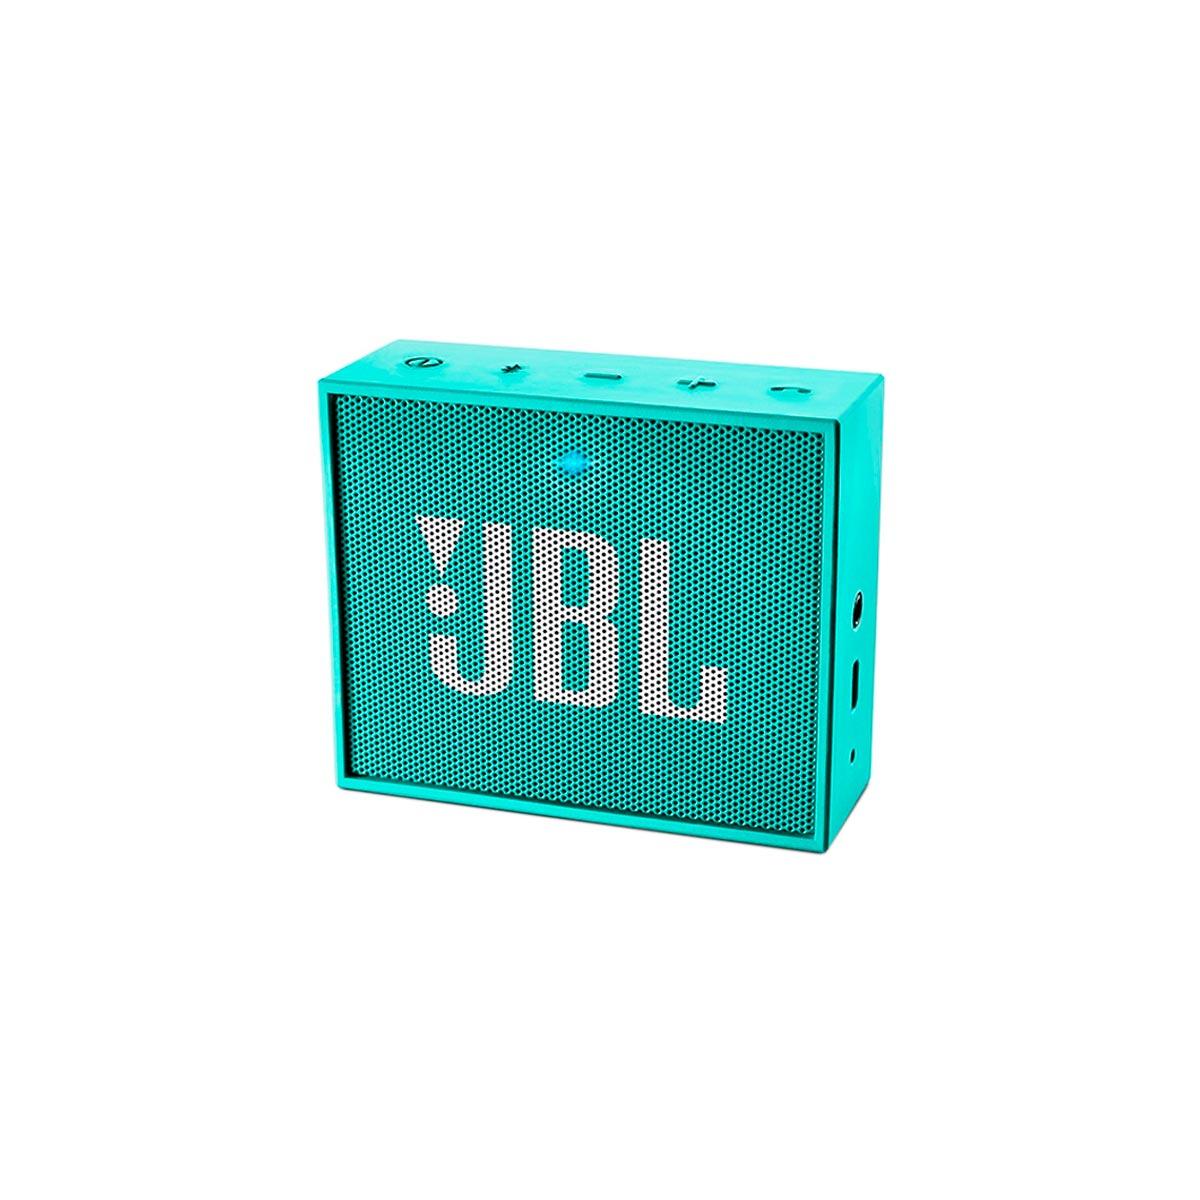 JBLGO - Caixa de Som Portátil 3W c/ Bluetooth JBL GO Verde - JBL